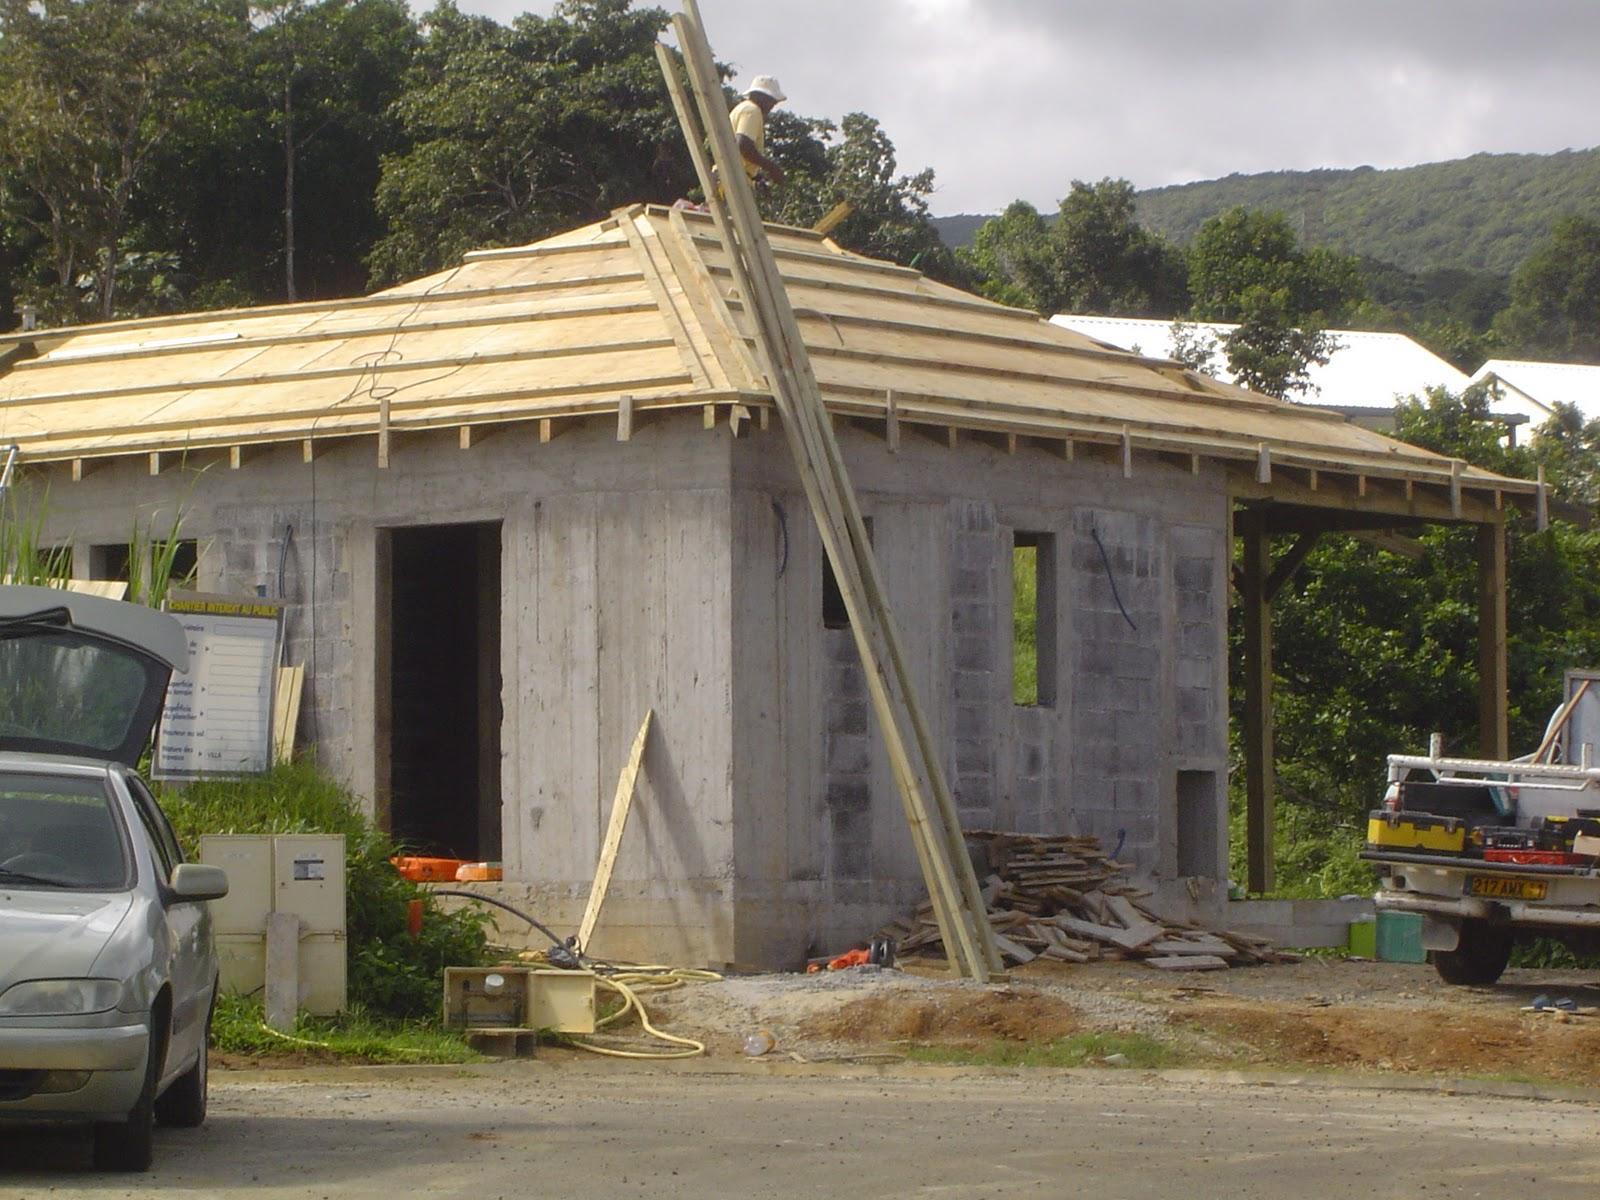 Construction maison pas cher en guadeloupe segu maison for Construction de maison pas cher